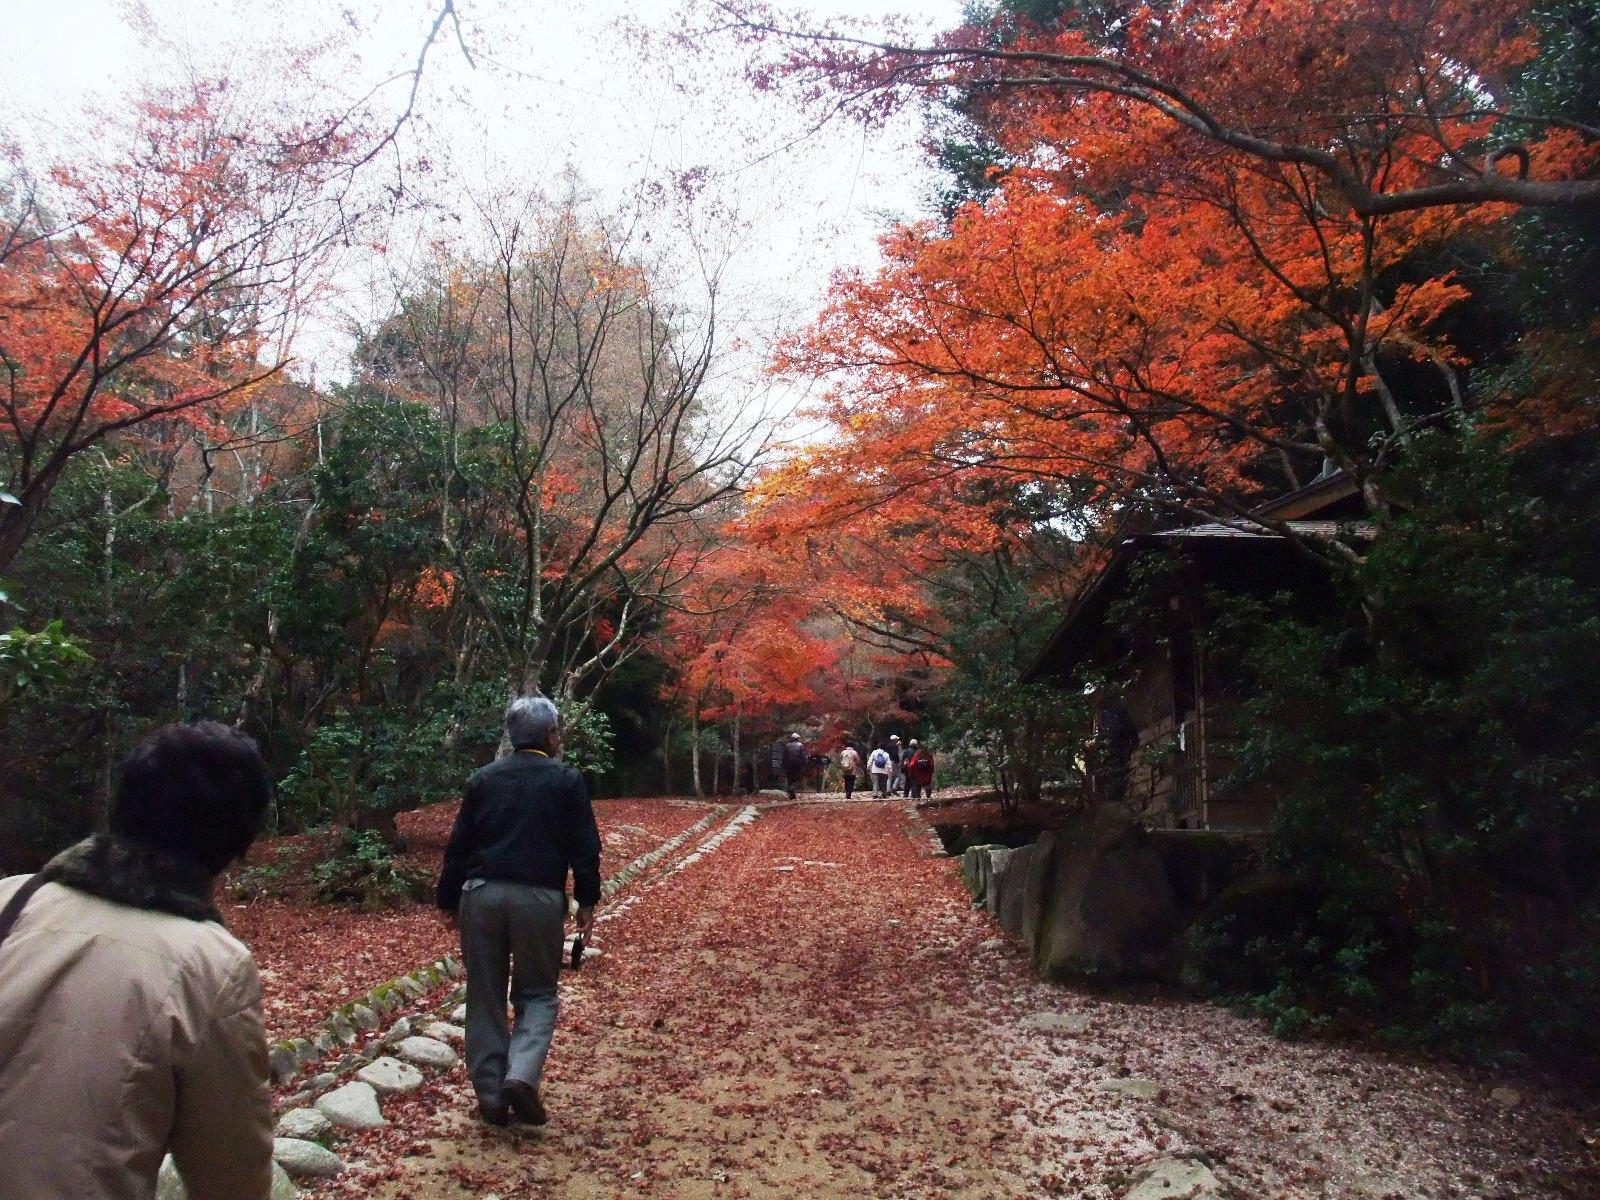 【広島】宮島秋の紅葉観光スポット